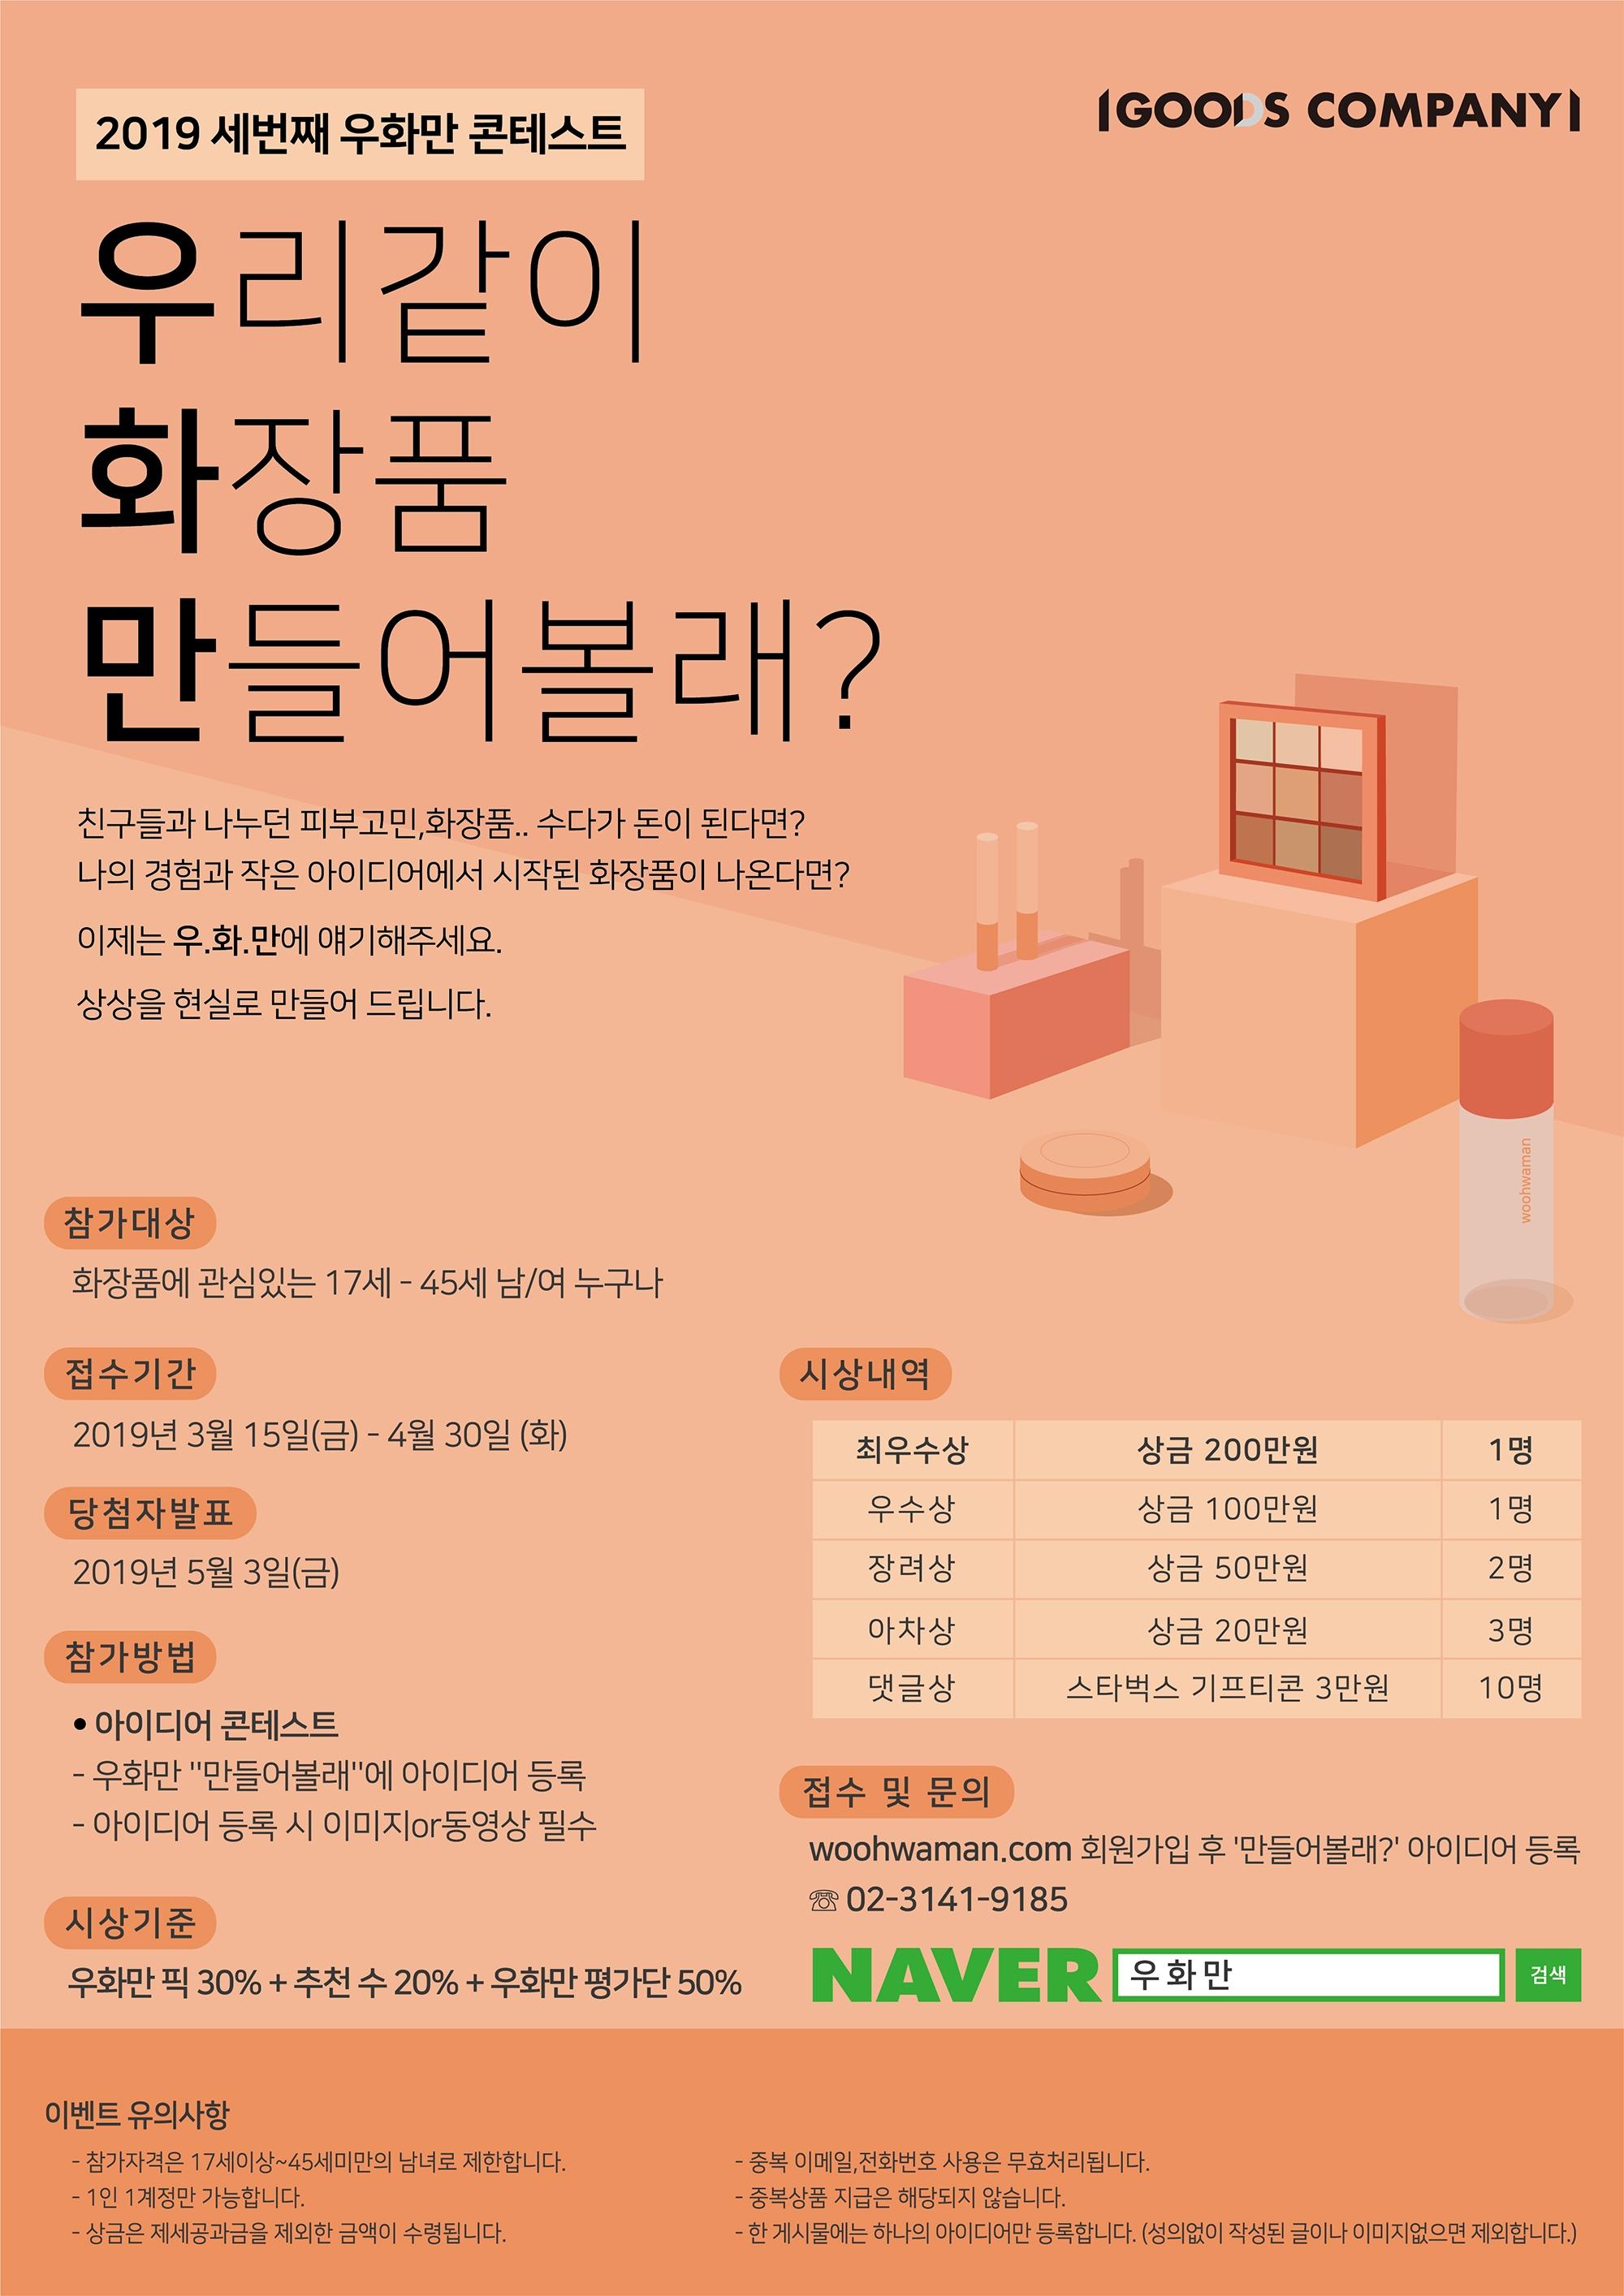 2019 우화만 세번째 아이디어 콘테스트